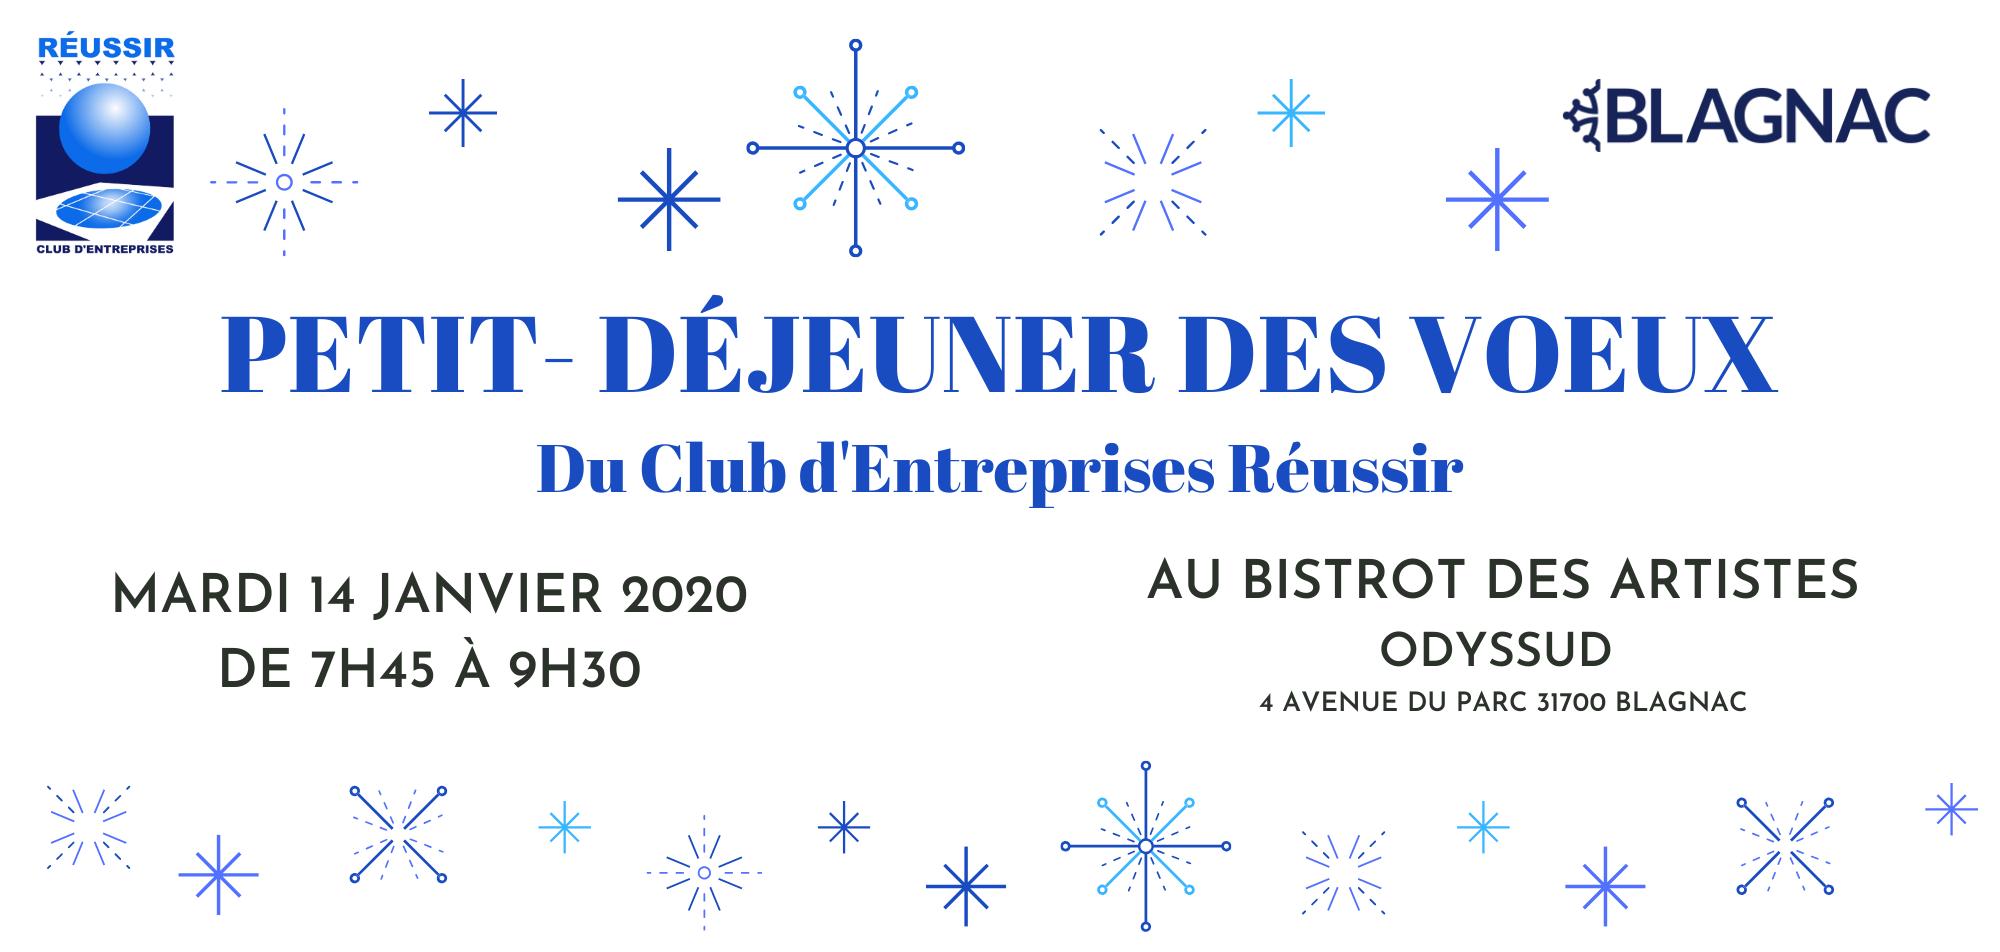 Petit-Déjeuner des Voeux du Club Réusssir – 14 Janvier 2020